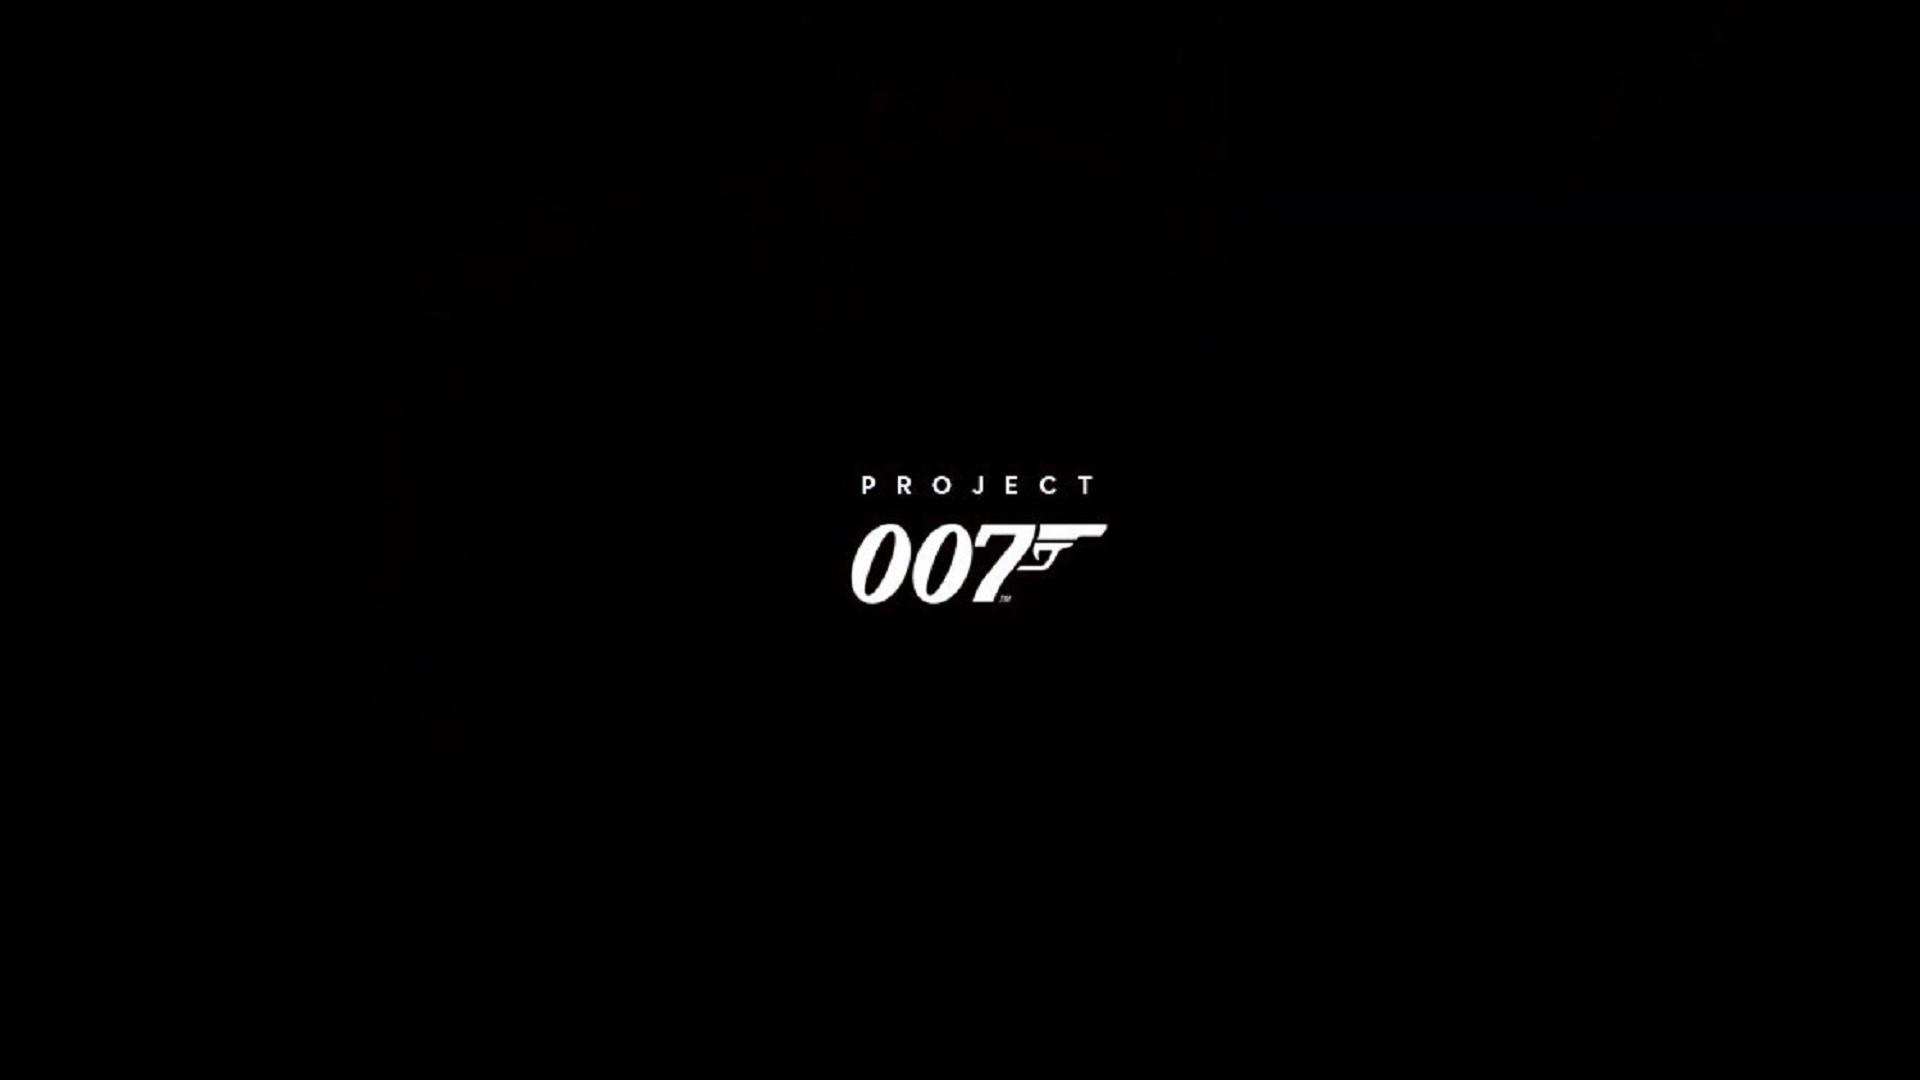 داستان بازی 007